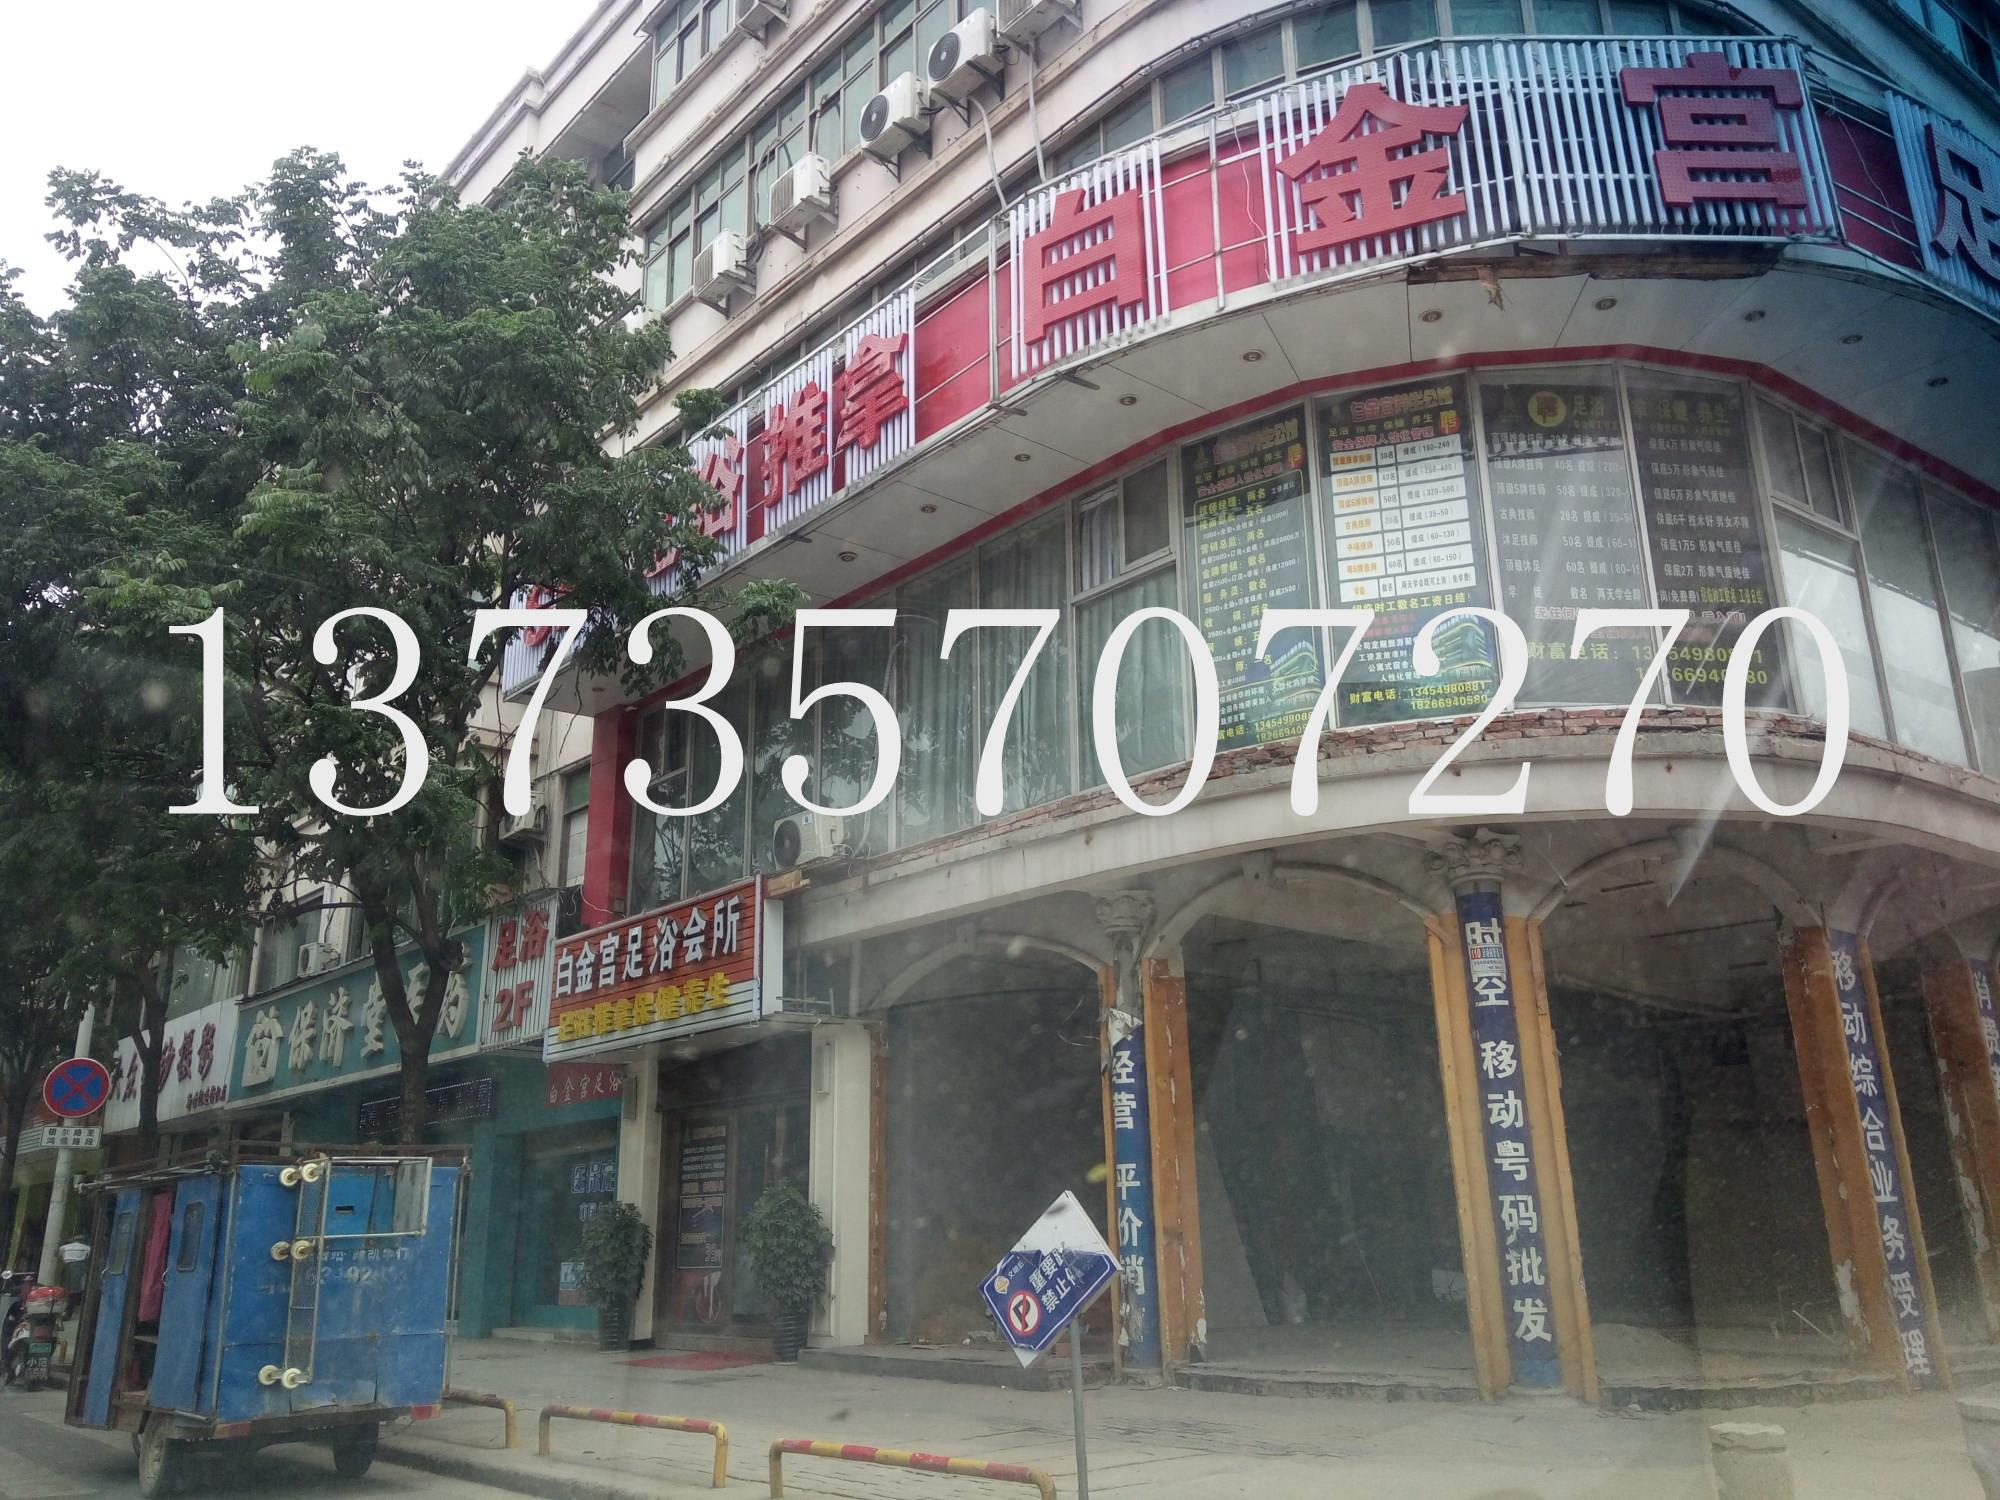 城北路店面垂直房 3间5层 占地138平 年租37万 已出让